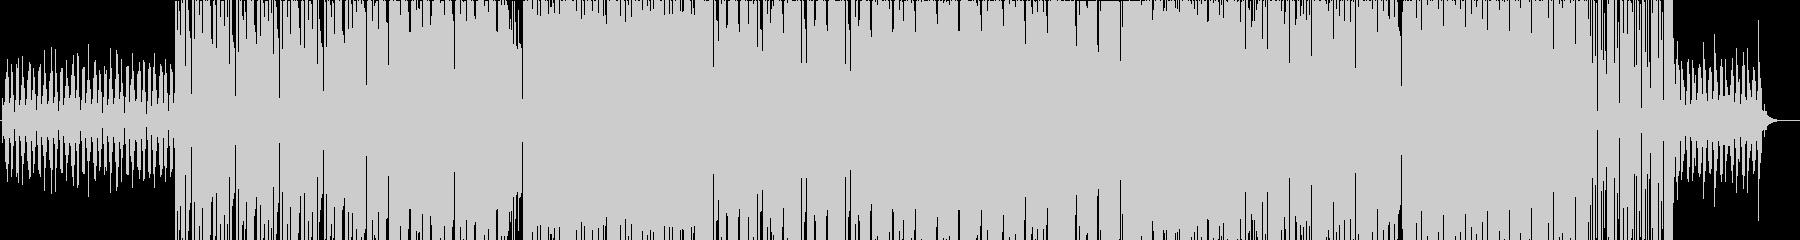 クールで都会的な R&B/HIPHOPの未再生の波形